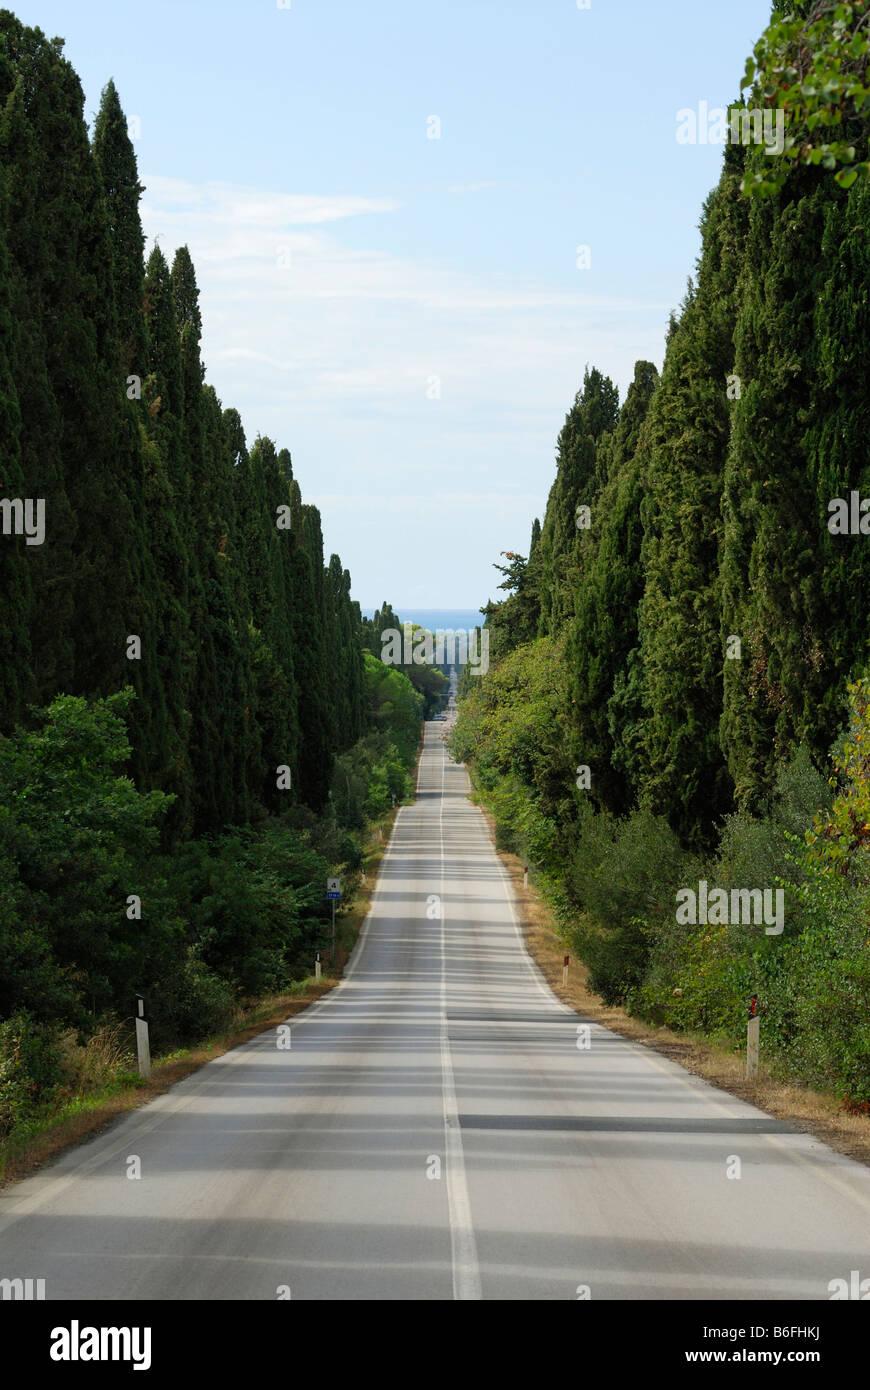 Bolgheri Tuscany Italy Avenue of Cypress Trees Stock Photo